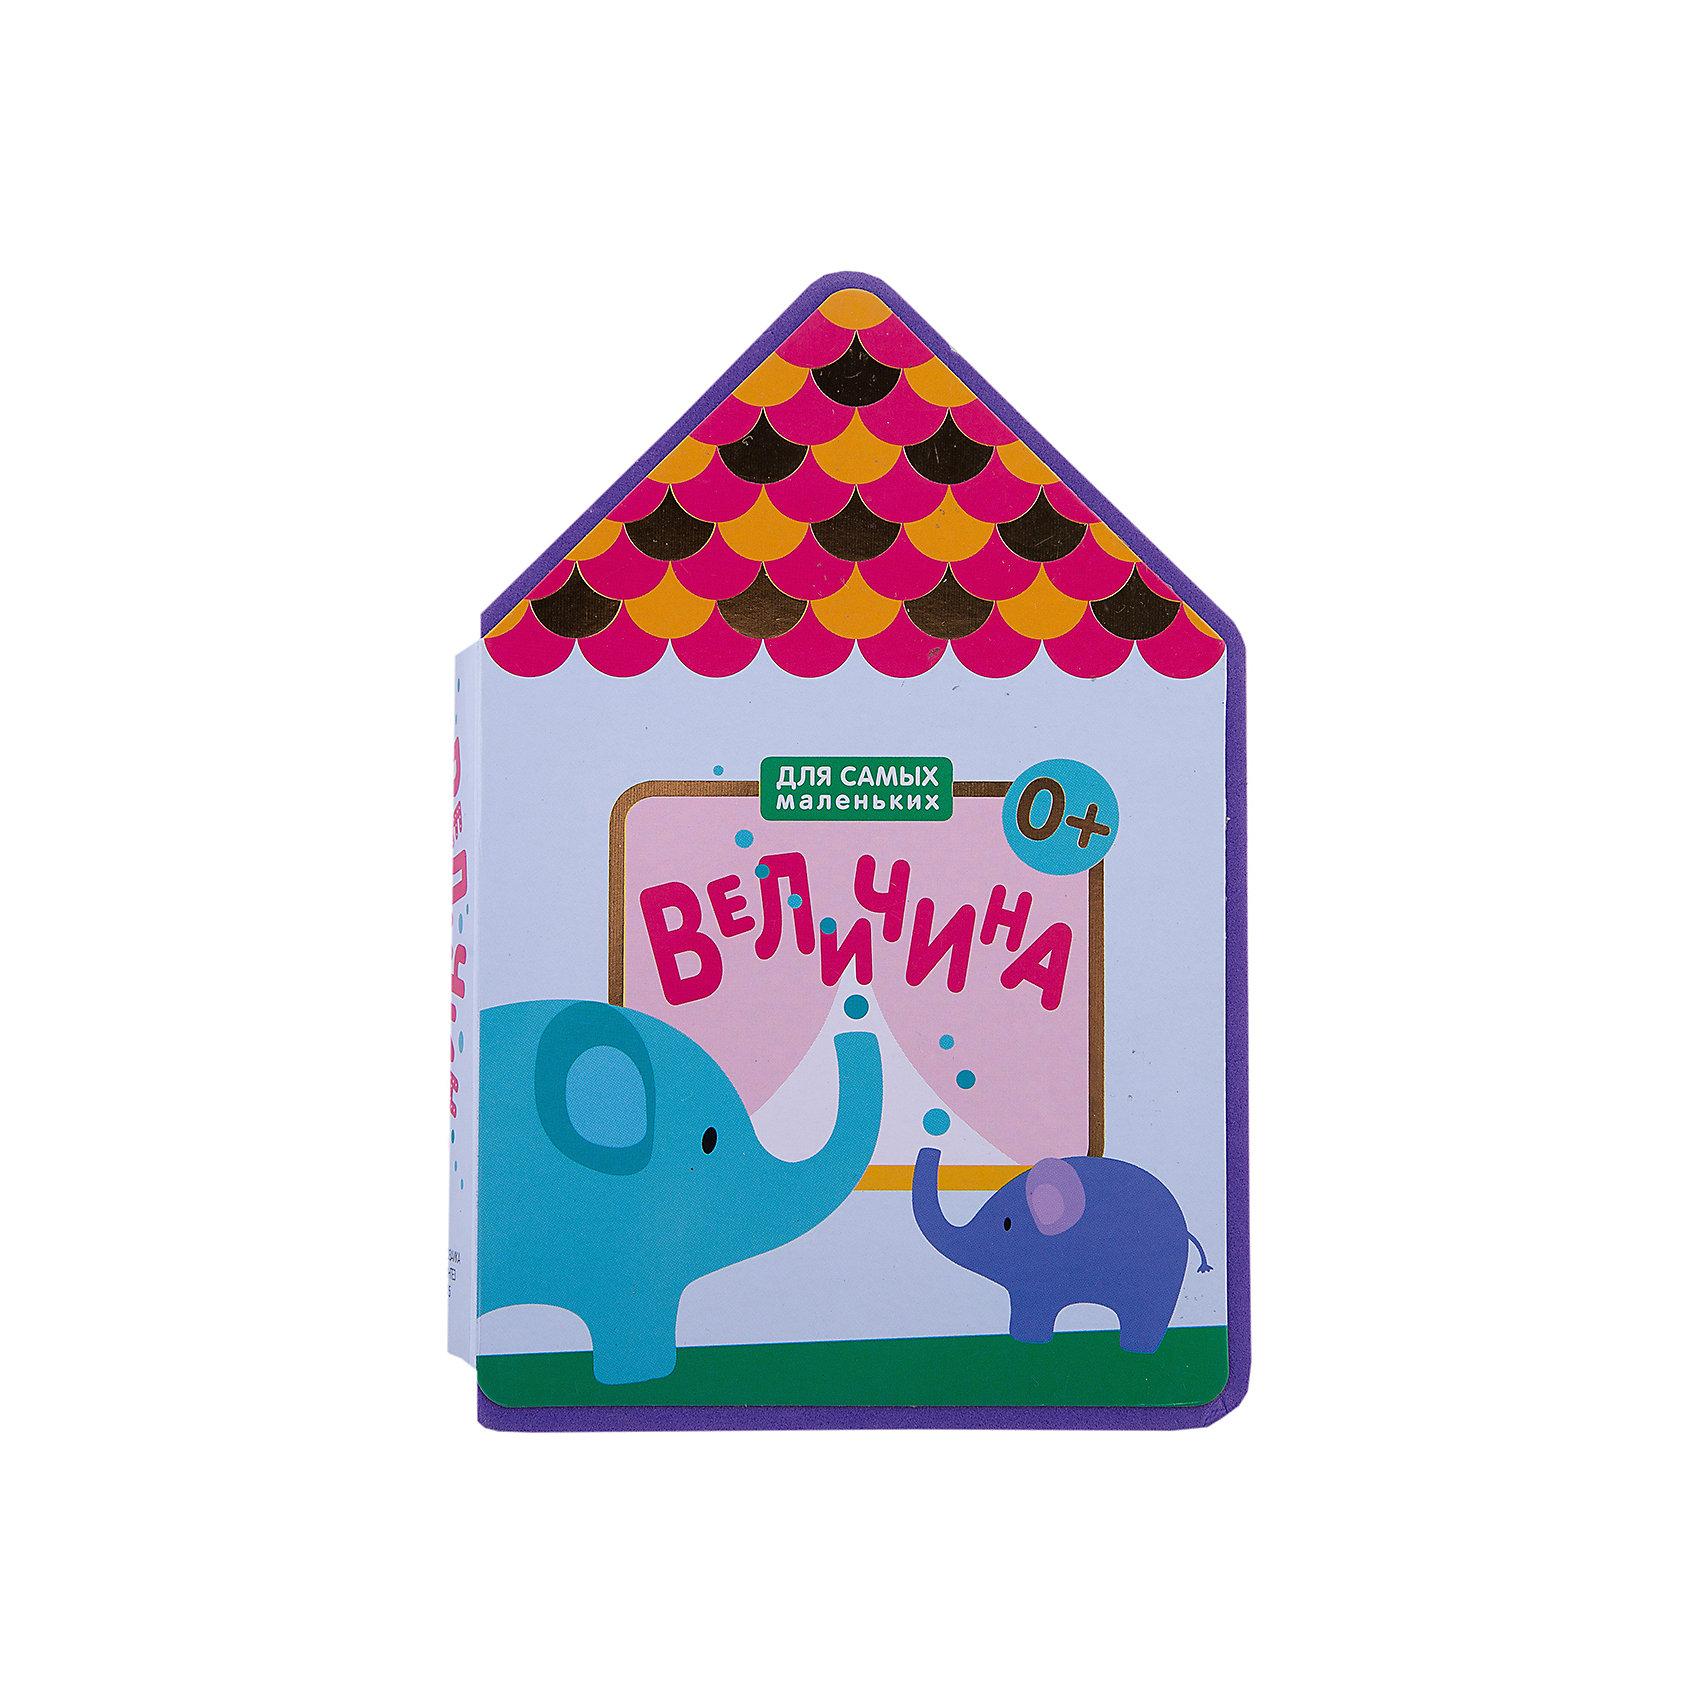 Для самых маленьких ВеличинаКниги для развития мышления<br>Характеристики книги для самых маленьких Величина:<br><br>• количество страниц: 10 <br>• идеально для малышей <br>• возраст от: 1 года до 3 лет<br>• пол: для мальчиков и девочек<br>• крупные картинки <br>• страницы: плотный картон<br>• размер: 15 х 10 х 1 см <br>• вес: 200 г<br>• бренд: Мозаика-Синтез<br>• страна происхождения: Китай <br><br>Развивающая книга для самых маленьких Величина. Книга Для самых маленьких. Величина, Мозаика-Синтез, издана для самых маленьких читателей и предназначена для их развития речи и мышления. Ребенок освоит счет от одного до трех и познакомится с понятием большой - маленький. Крупные, яркие картинки на разноцветных страничках помогут ему в этом. <br><br>Нарядную книжку-домик легко листать – мягкие плотные странички небольшого формата как будто созданы для маленьких ручек Вашего малыша, а еще ей можно играть как игрушкой. Книжки серии Для самых маленьких изготовлены из пены EVA – они не рвутся, не ломаются и абсолютно безопасны для детей. <br><br>Книгу Для самых маленьких. Величина, Мозаика-Синтез, можно купить в нашем интернет-магазине.<br><br>Ширина мм: 32<br>Глубина мм: 100<br>Высота мм: 155<br>Вес г: 80<br>Возраст от месяцев: 12<br>Возраст до месяцев: 36<br>Пол: Унисекс<br>Возраст: Детский<br>SKU: 5362921